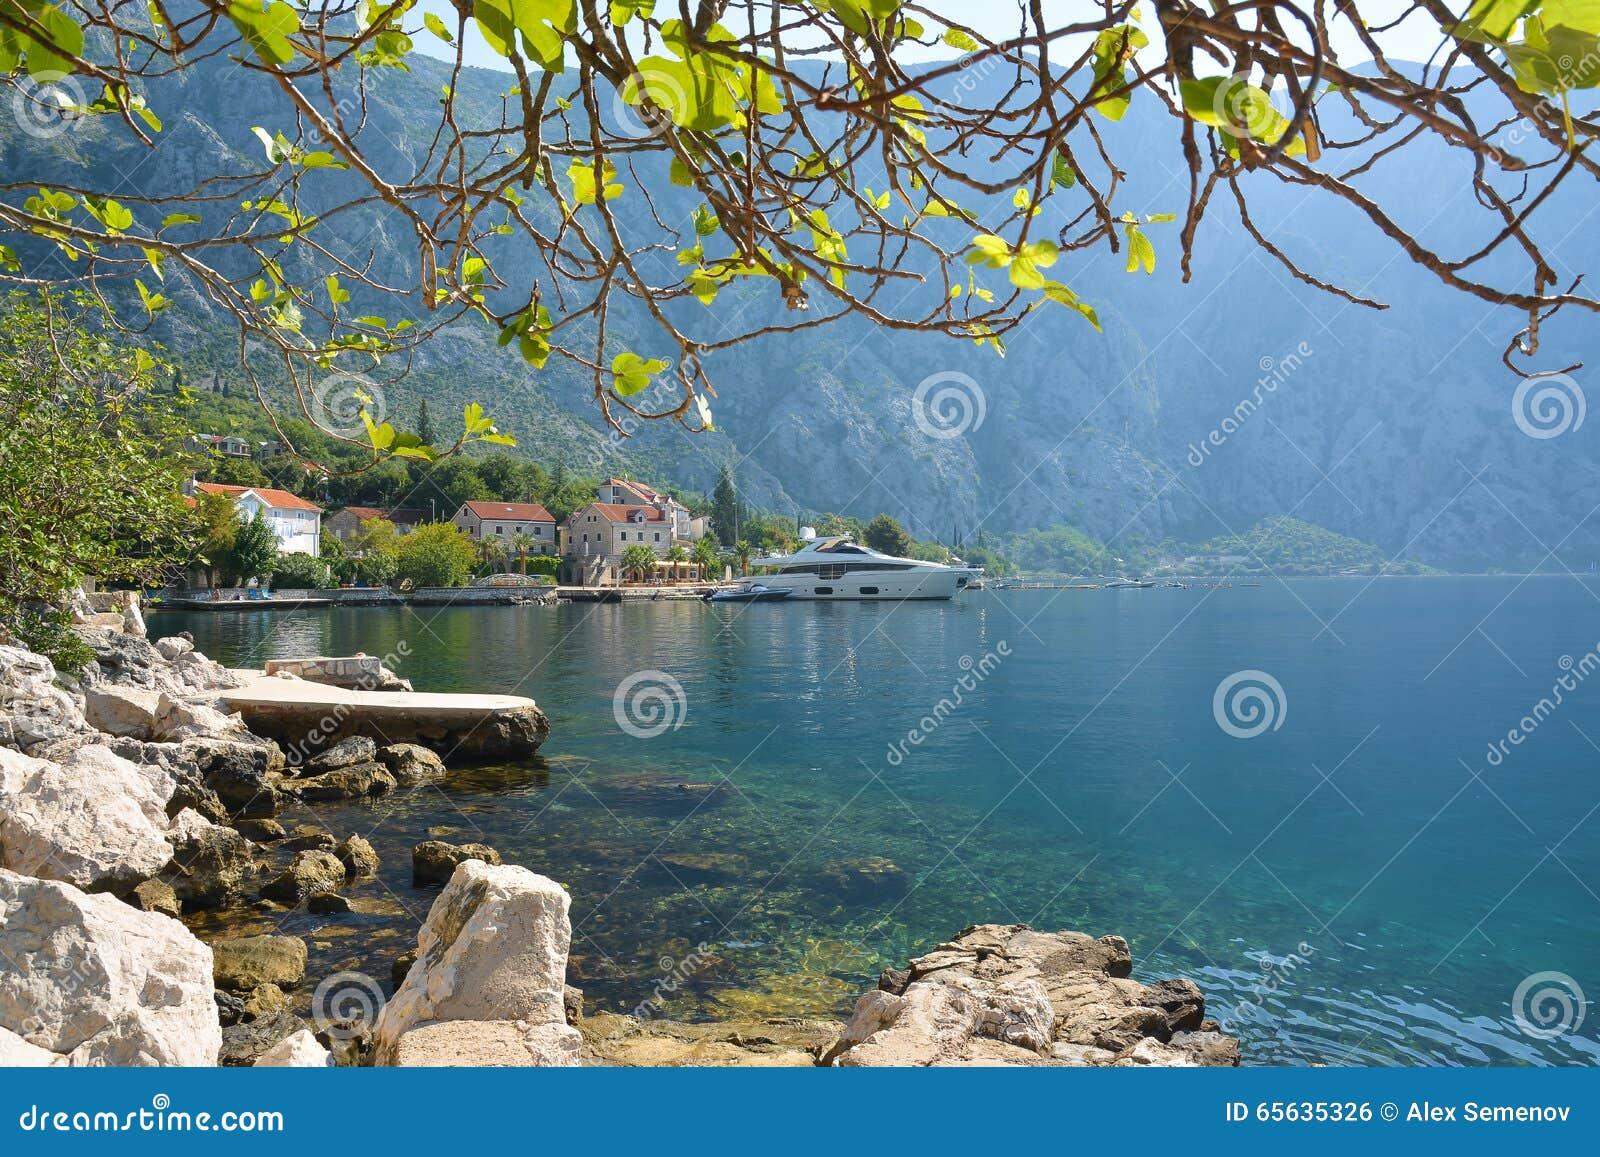 Petite ville antique Strp dans la baie de Kotor